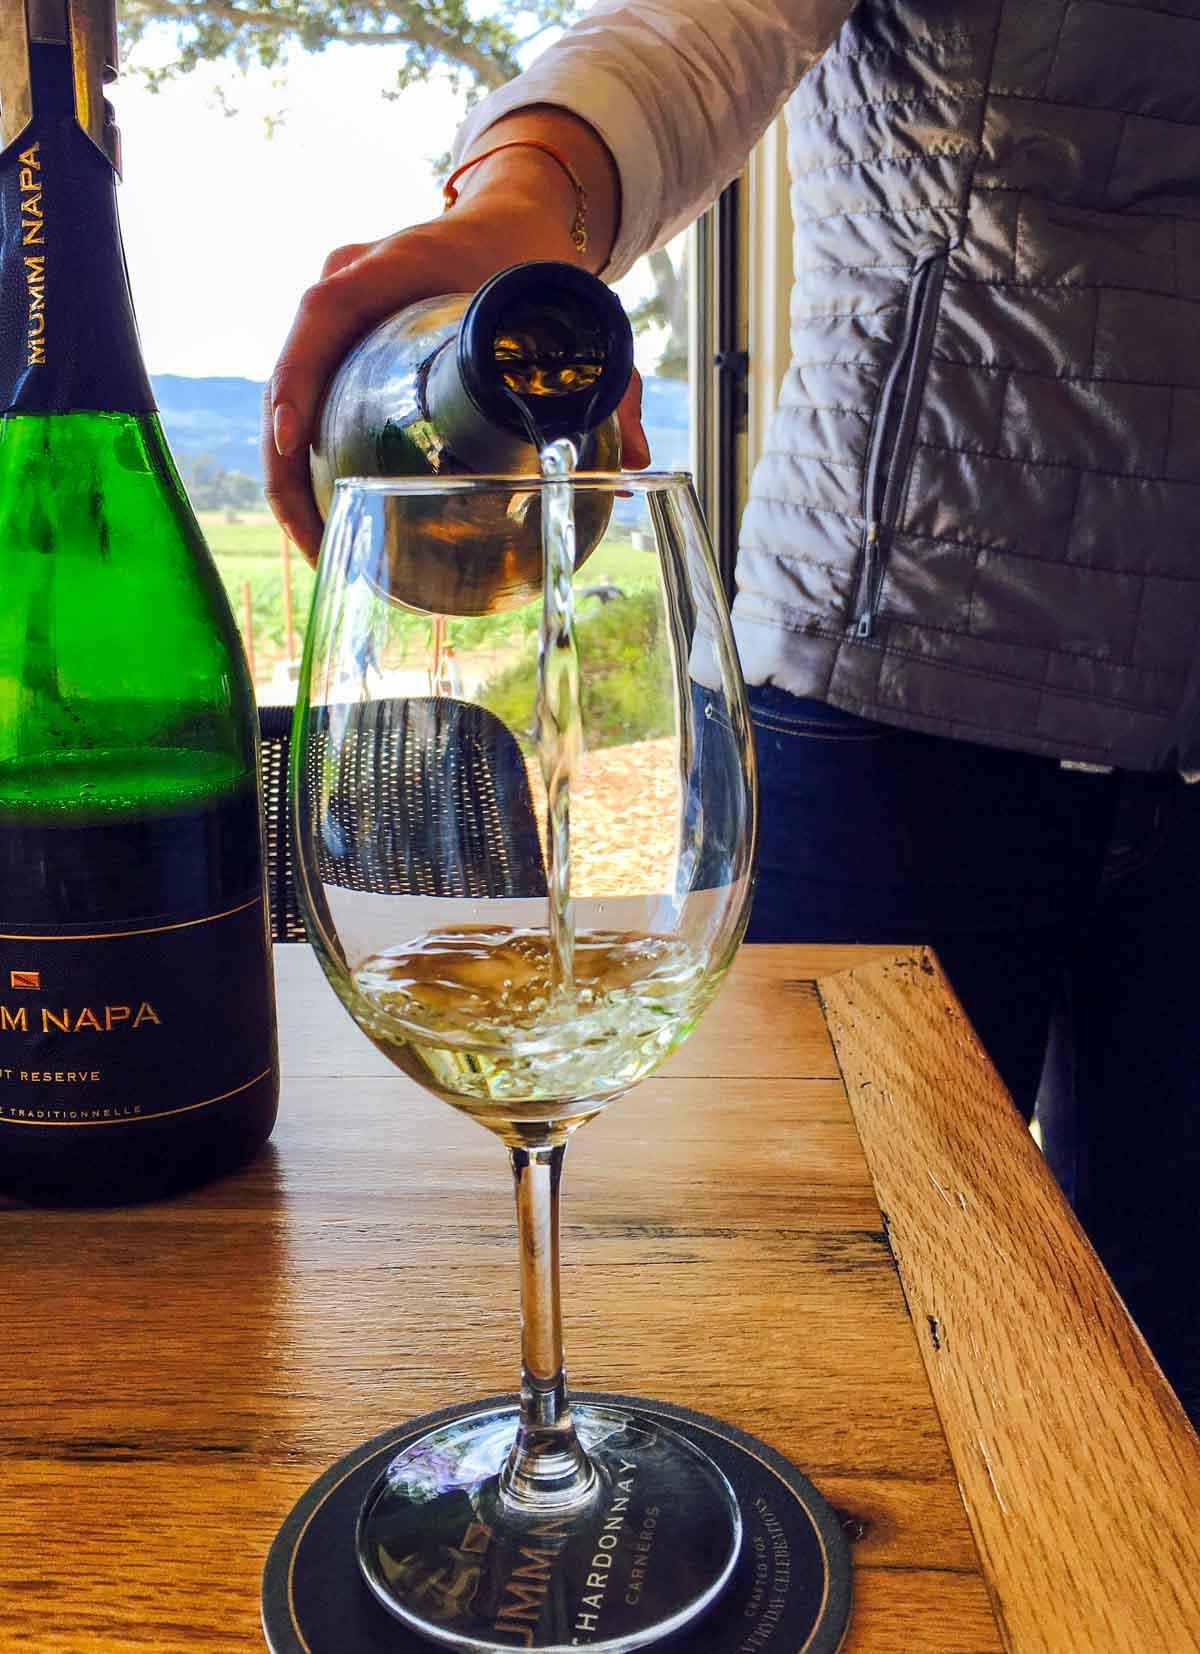 Mumm Napa Chardonnay